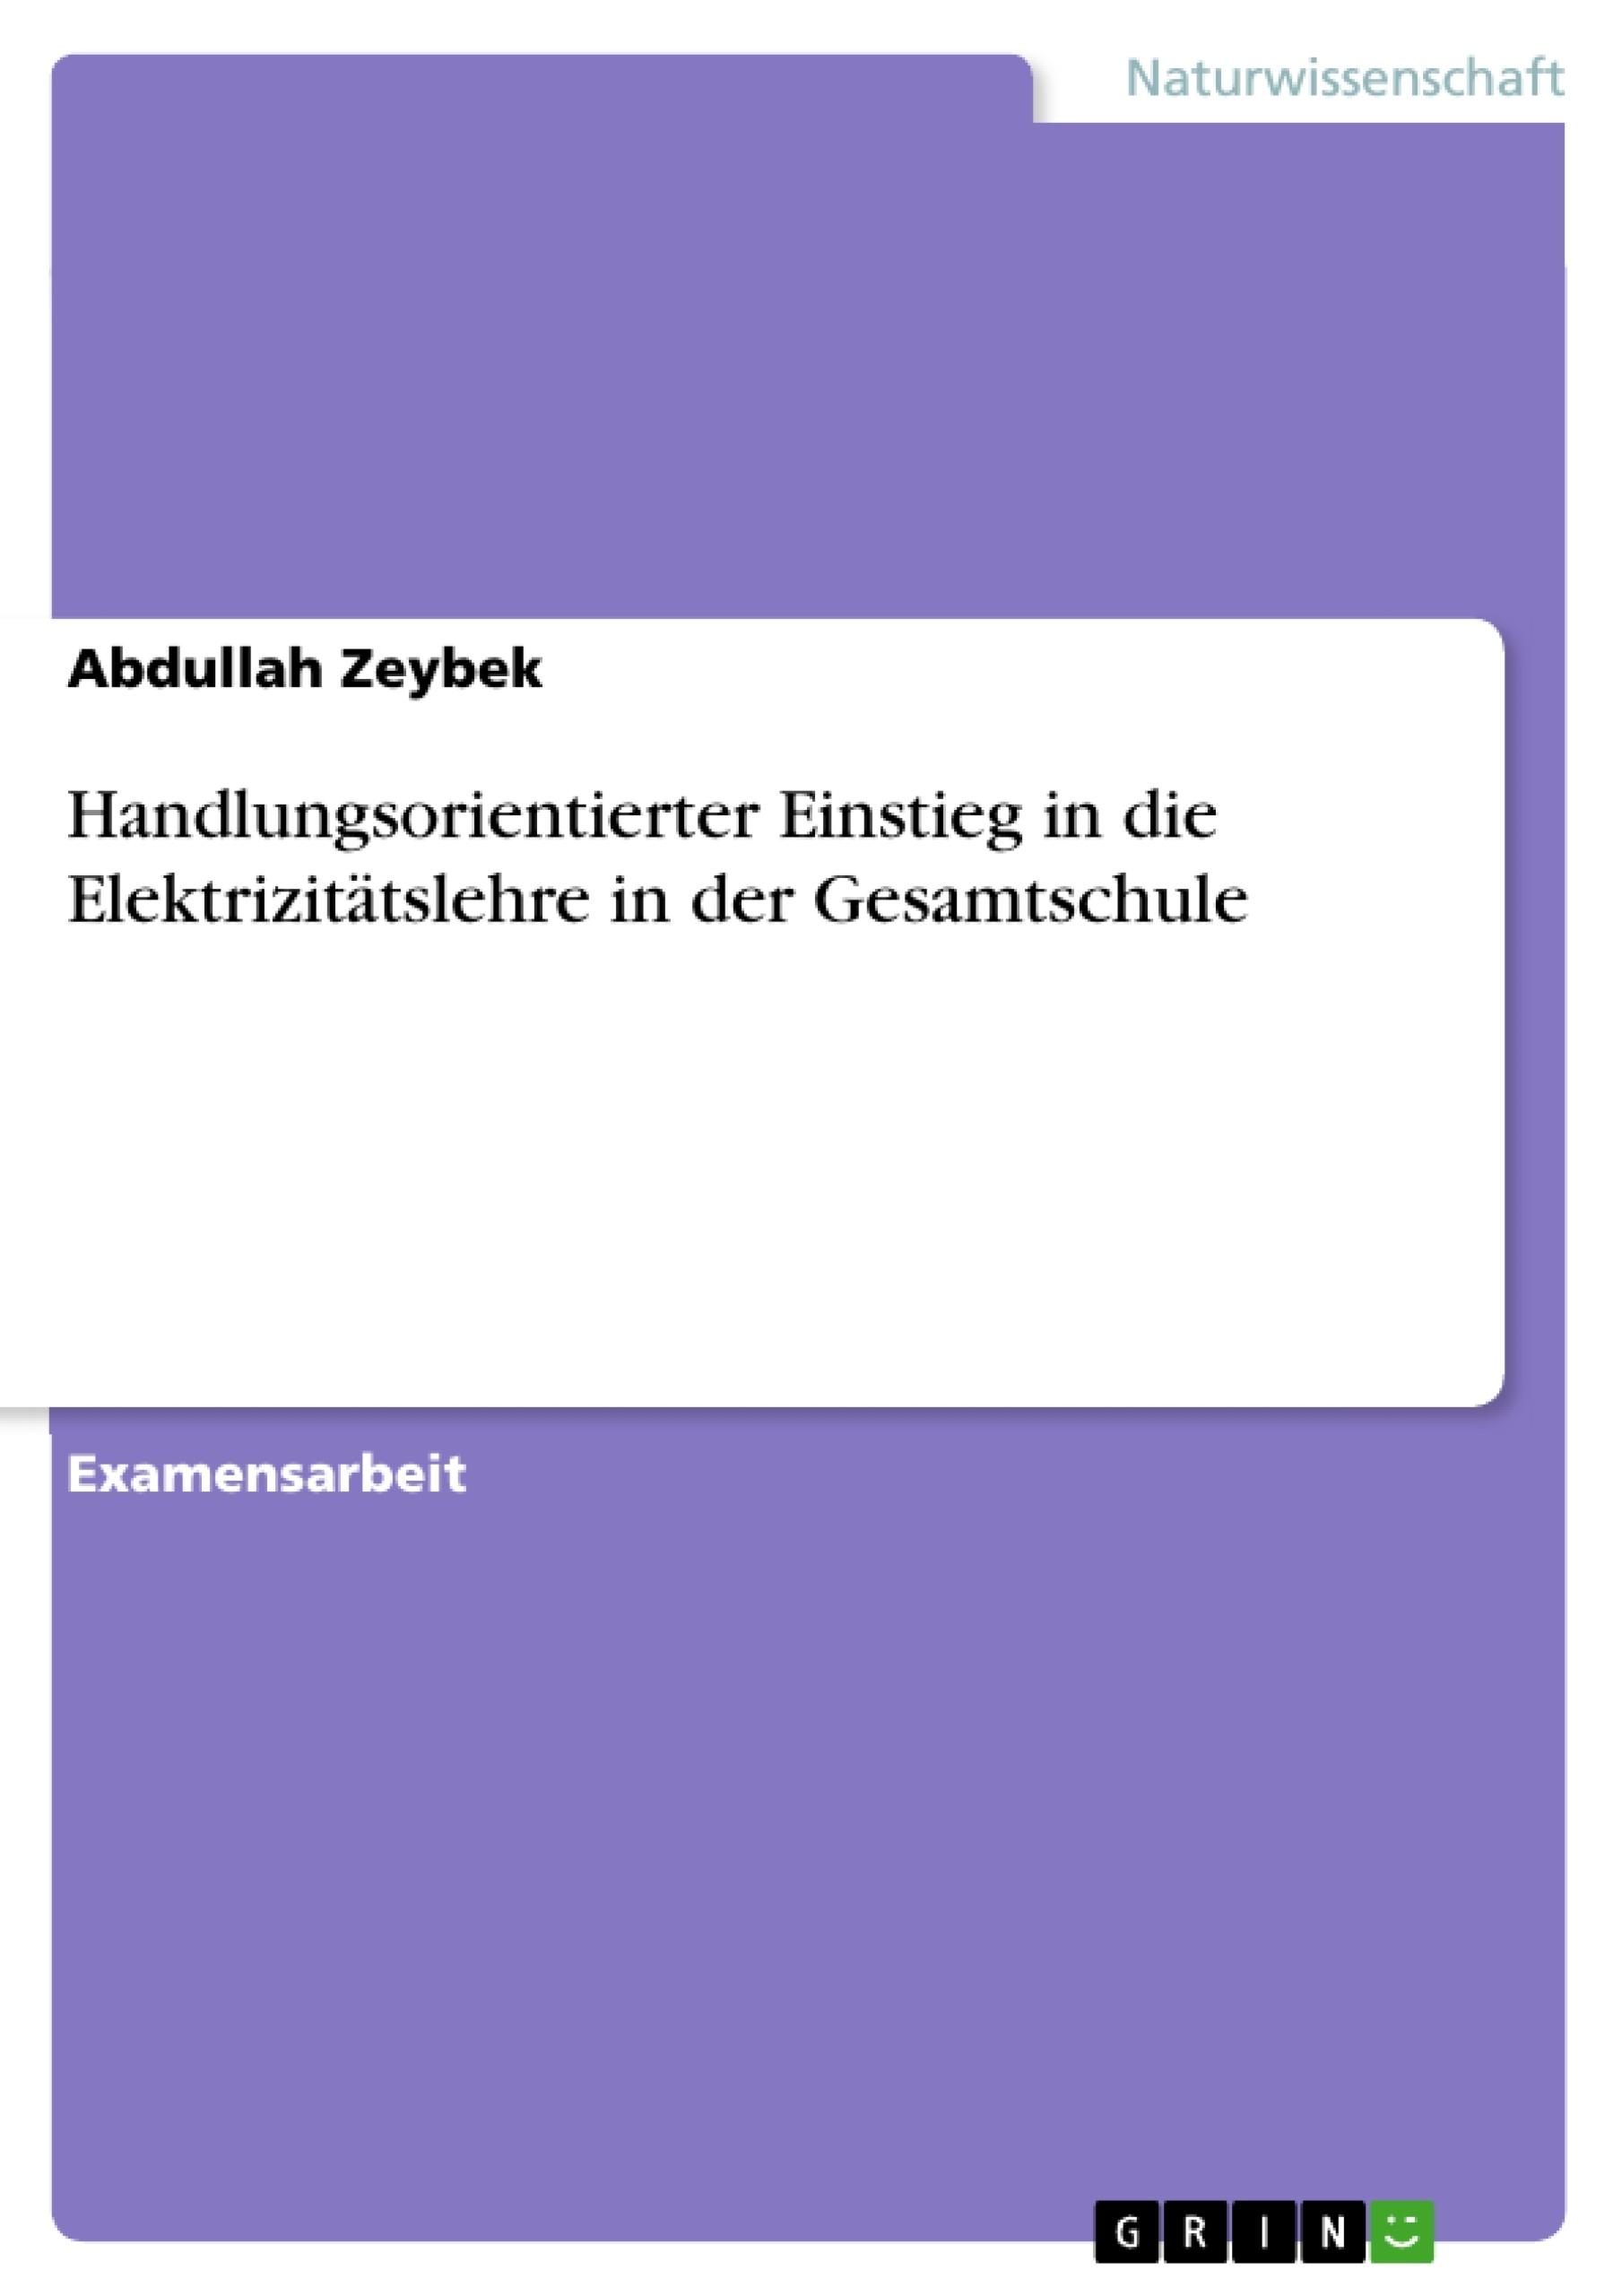 Titel: Handlungsorientierter Einstieg in die Elektrizitätslehre in der Gesamtschule